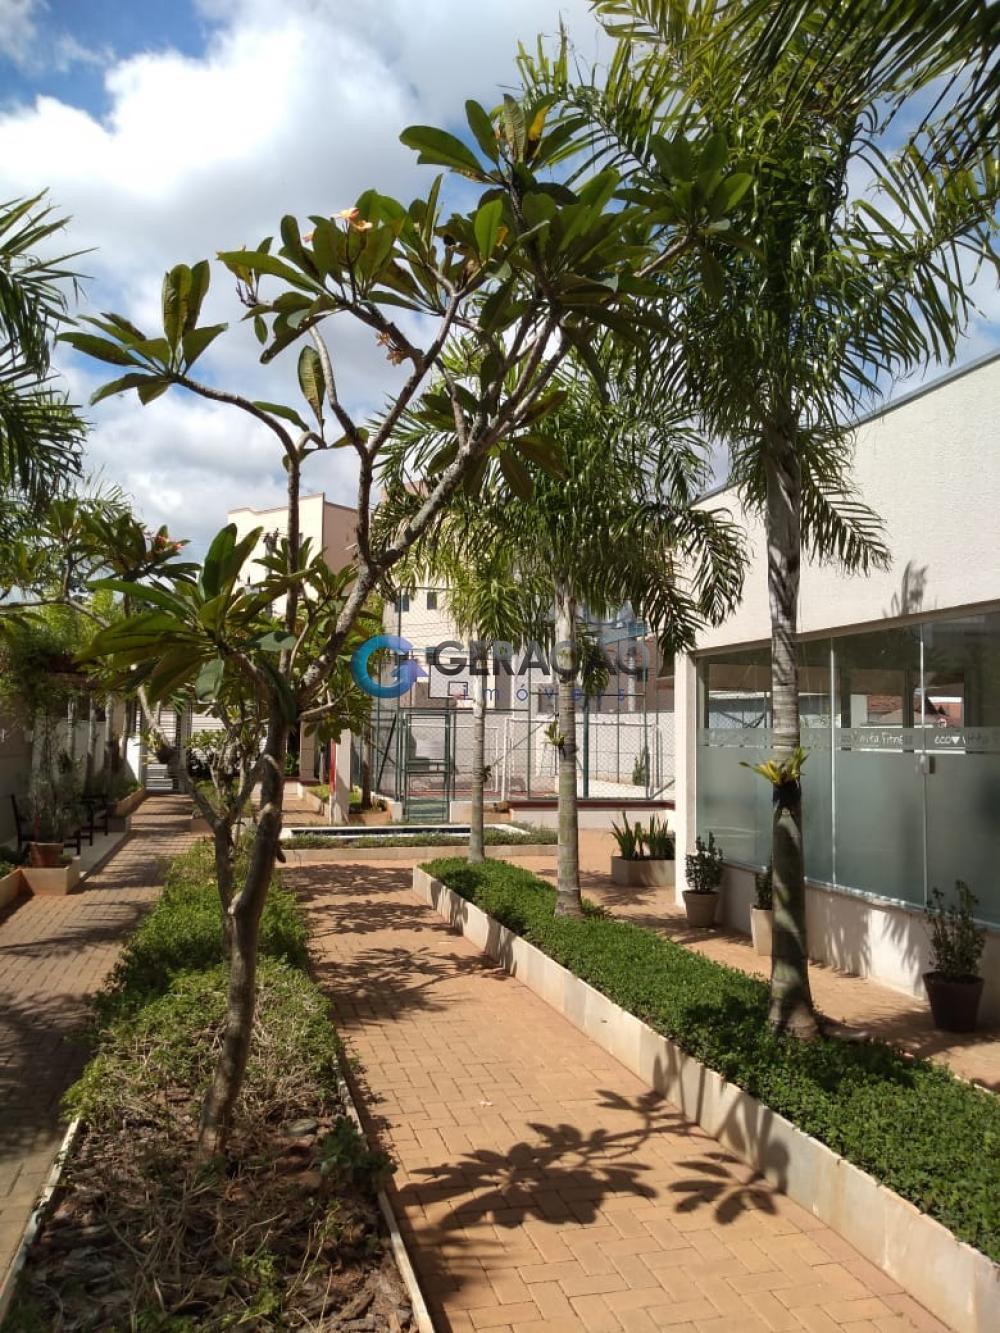 Comprar Apartamento / Padrão em Jacareí R$ 470.000,00 - Foto 2